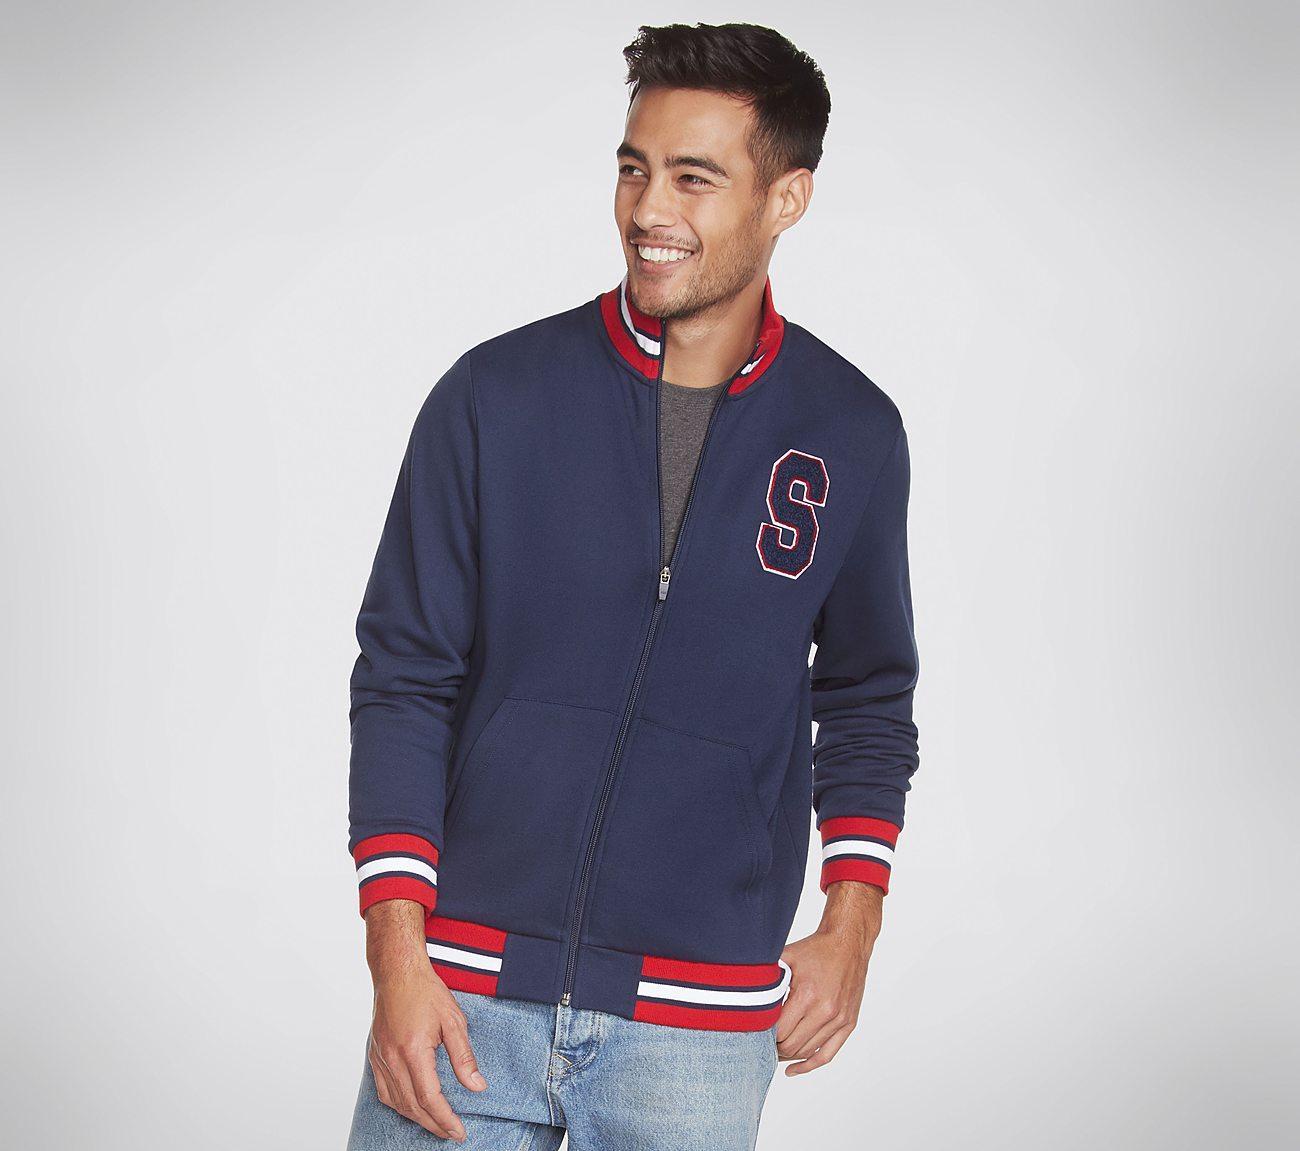 Skechers Apparel Collegiate Zip Jacket